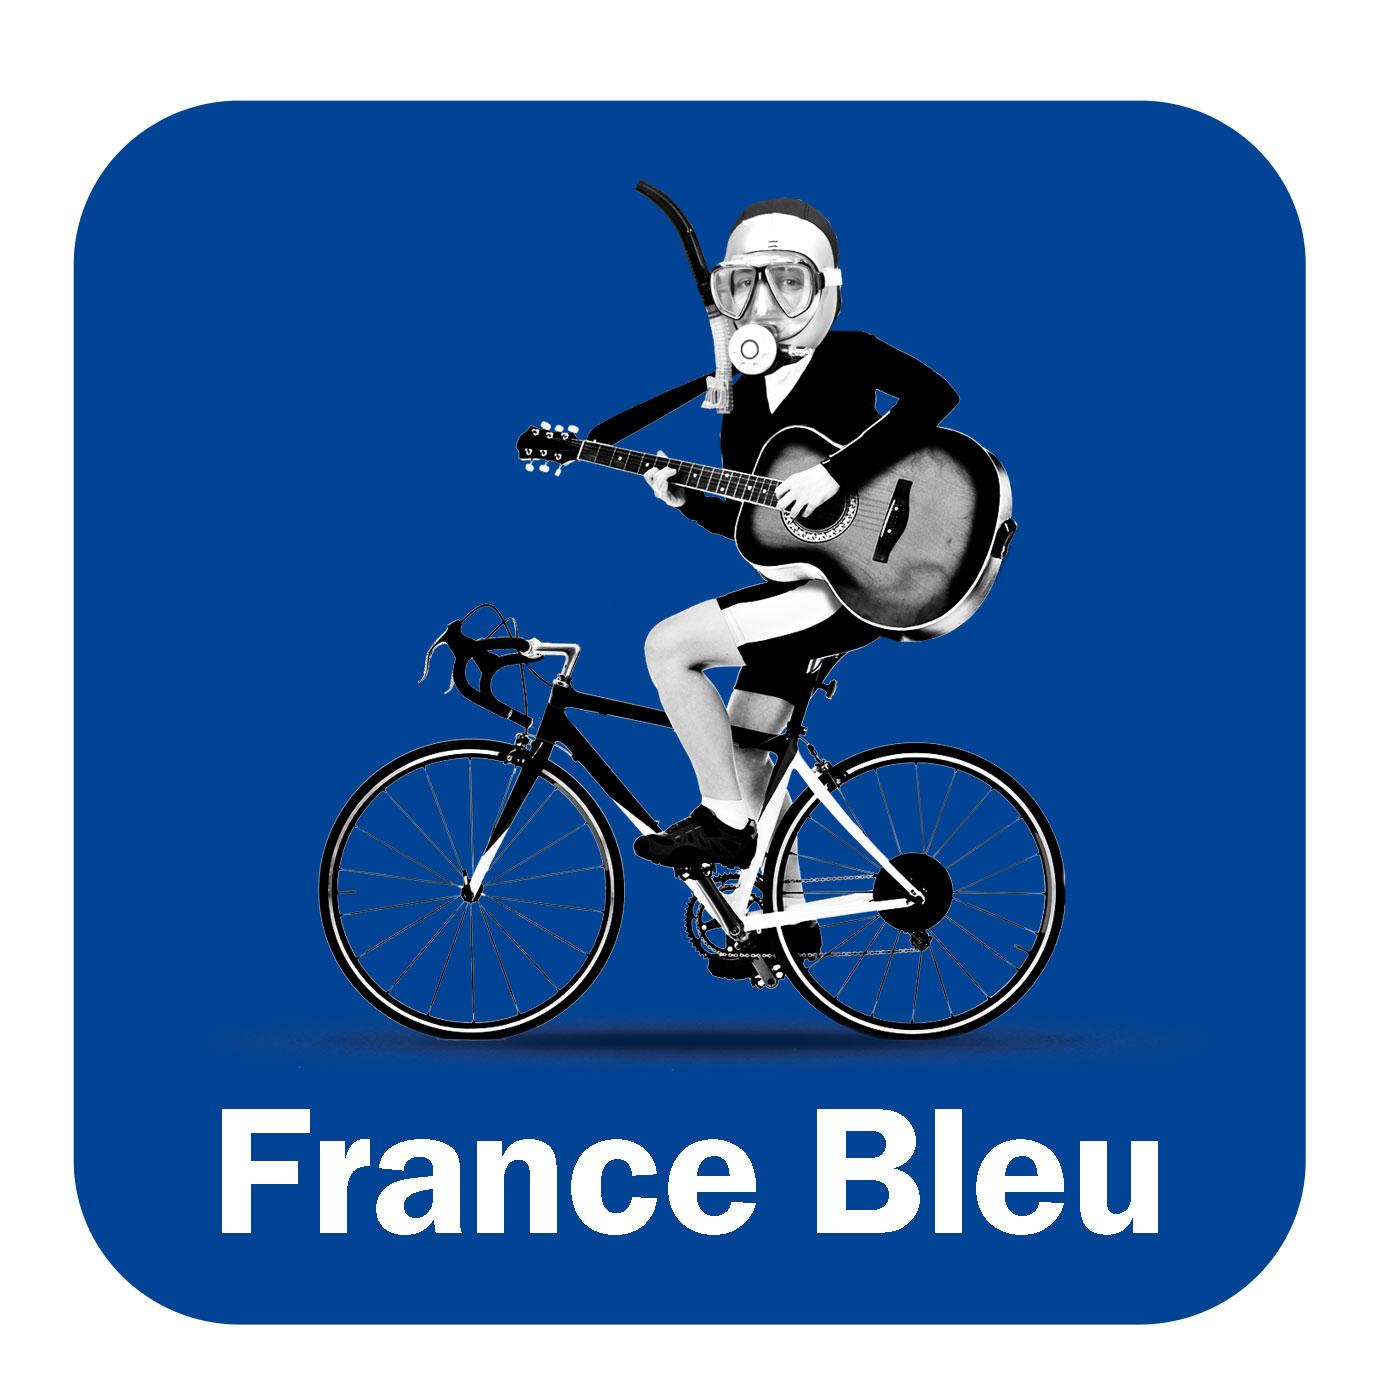 Les Experts Jardin France Bleu Pays d¿Auvergne